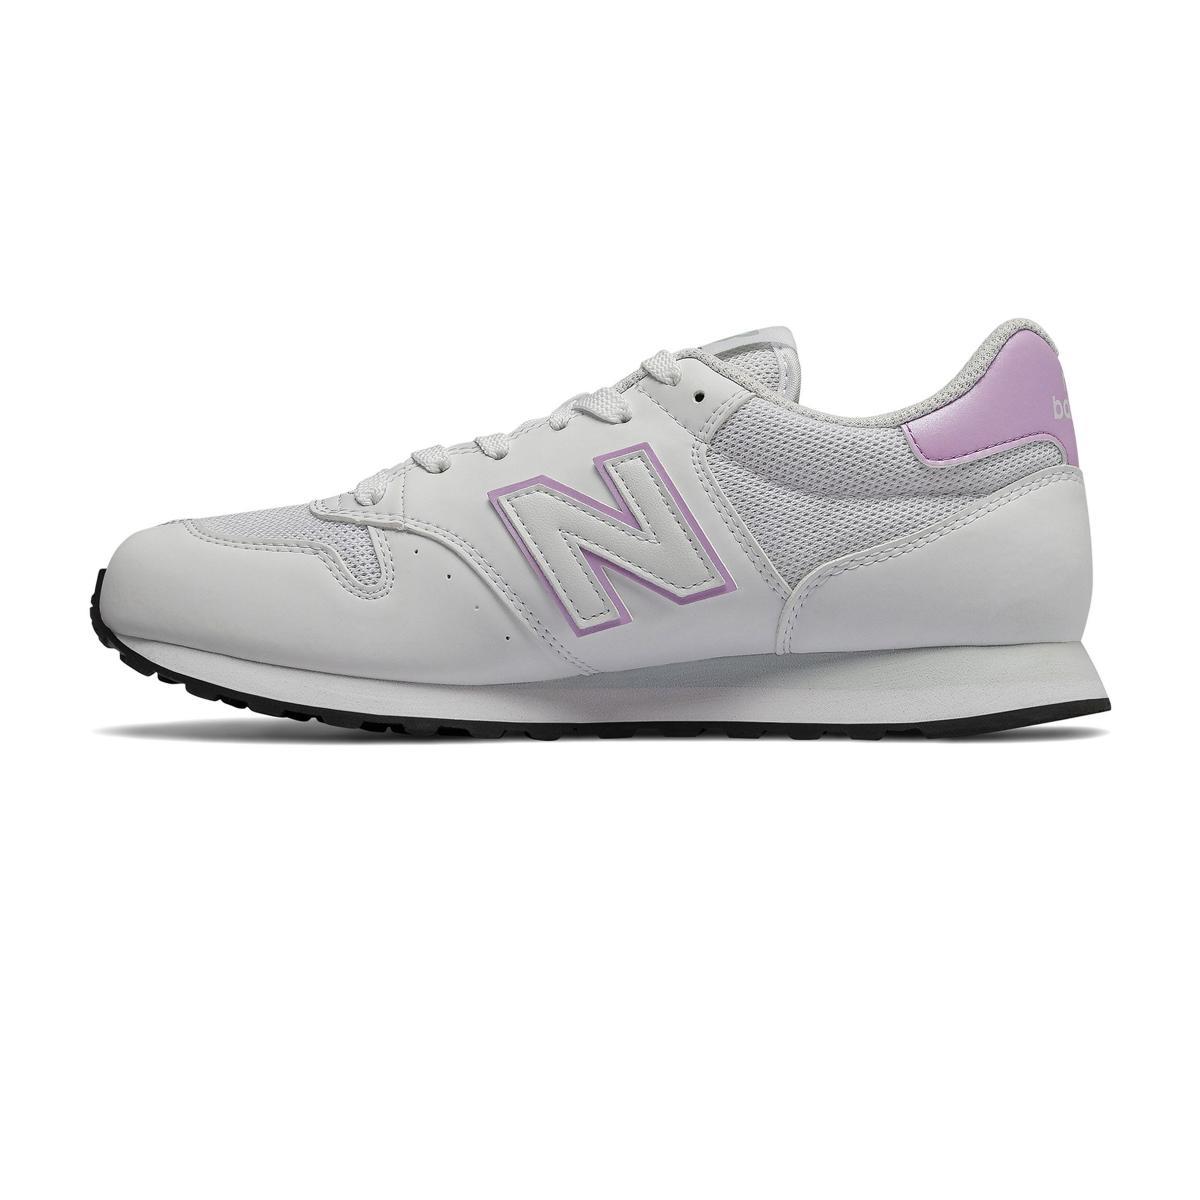 Scarpe Sneakers New Balance da donna rif. GW500SWV